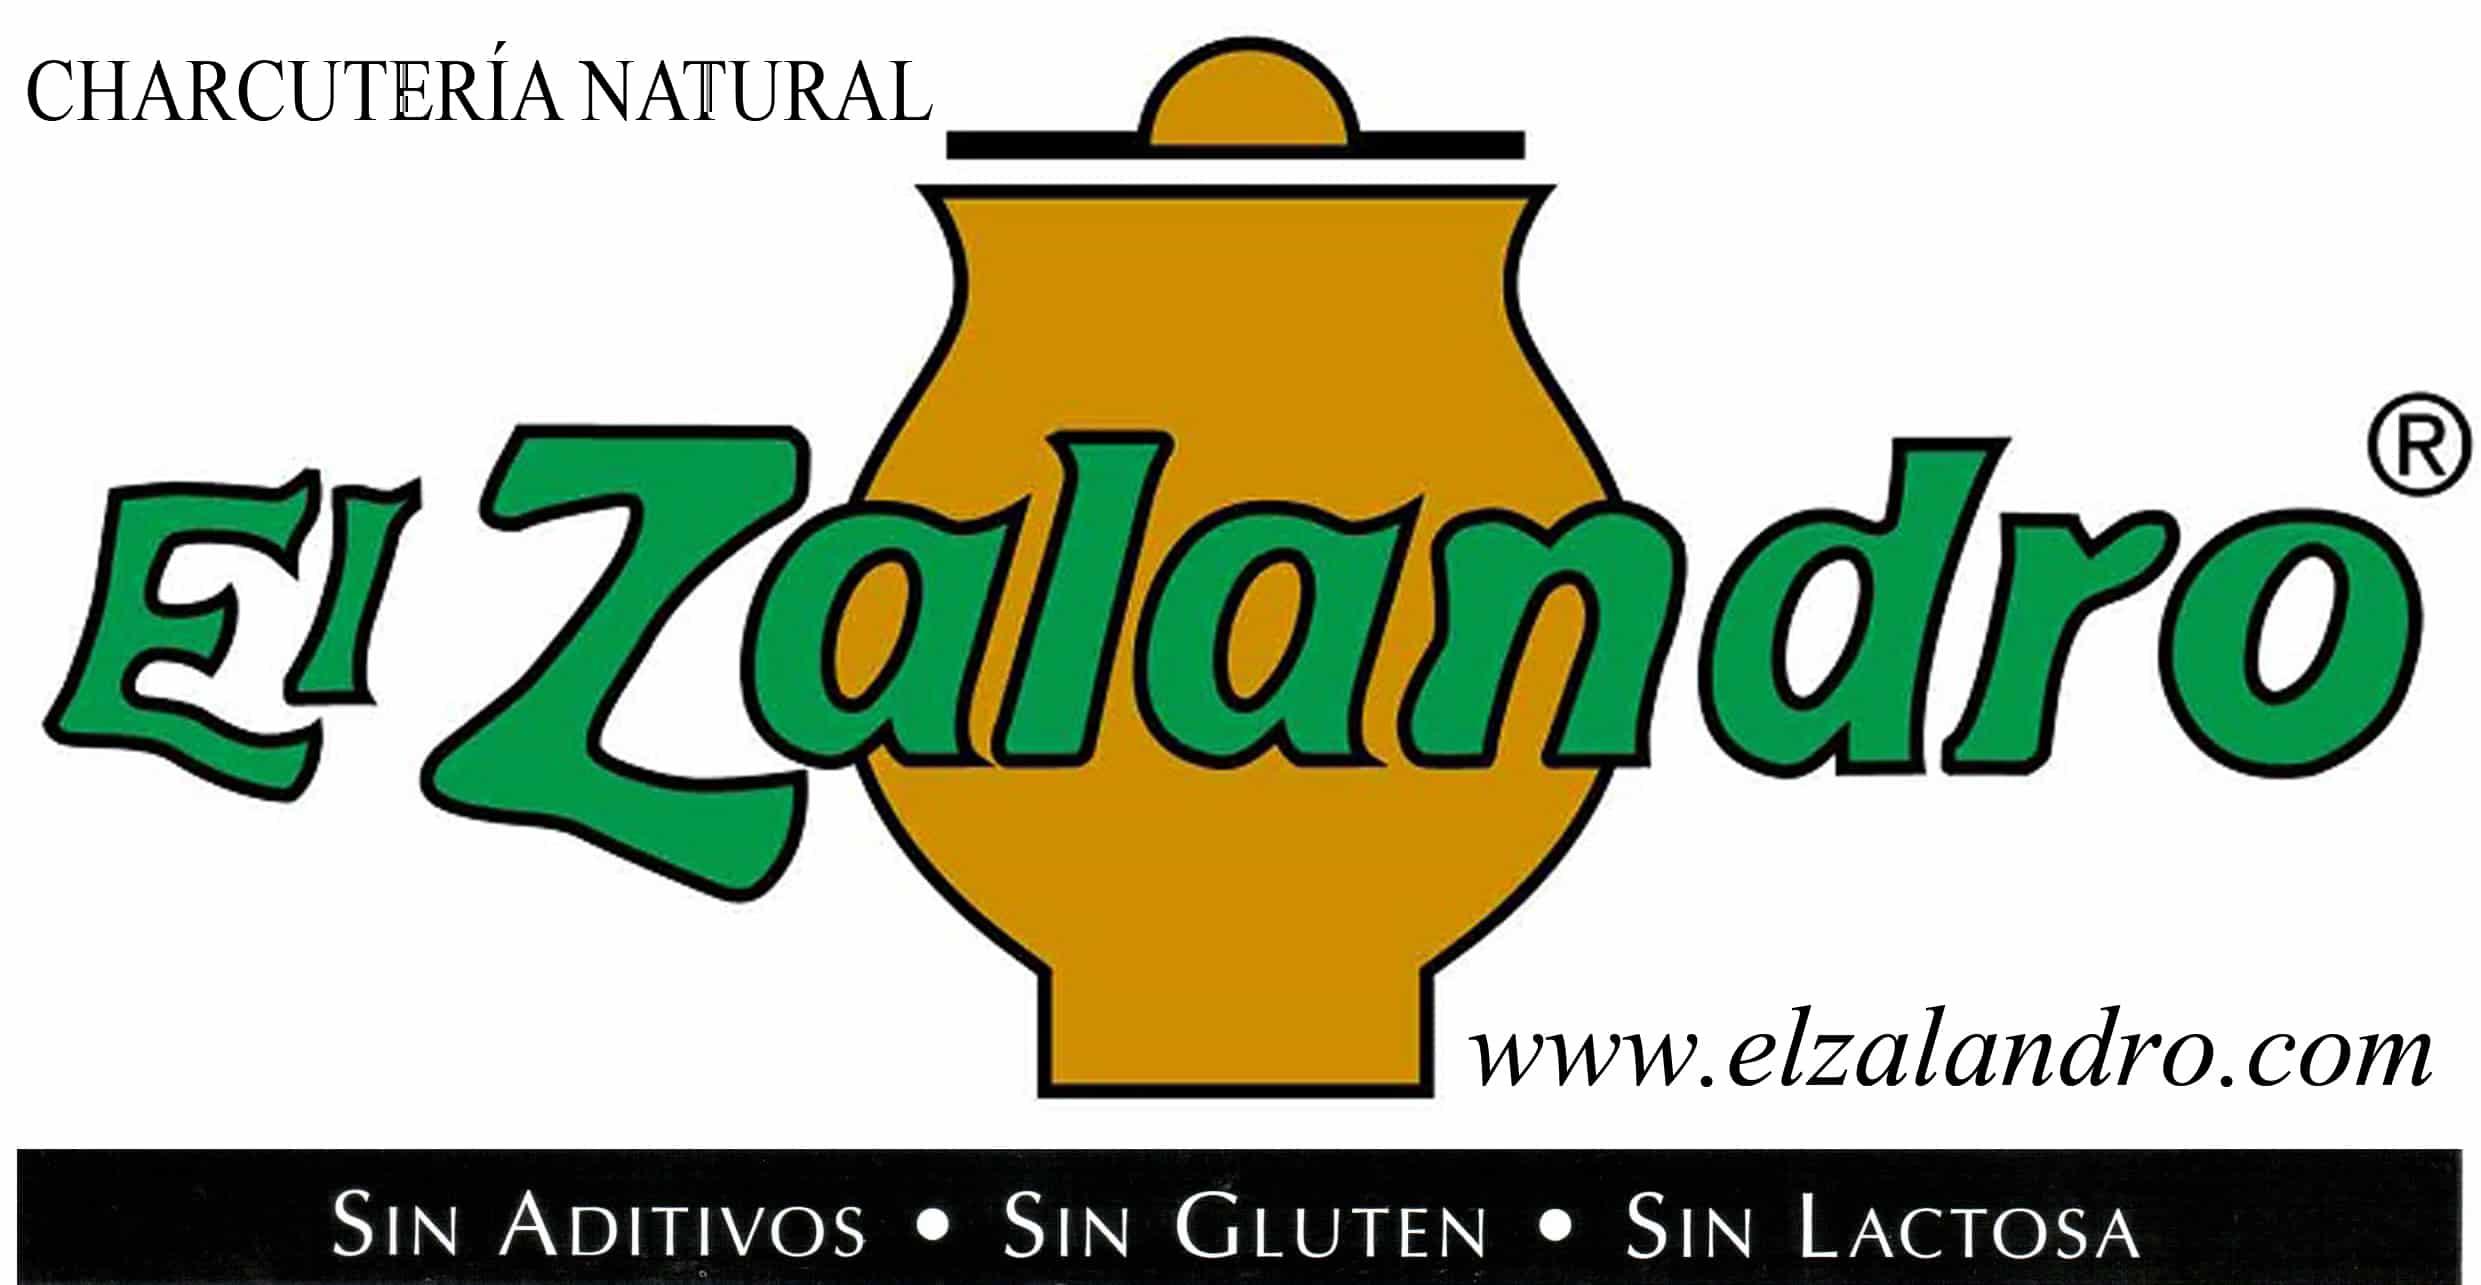 El Zalandro logo - Sabor Granada